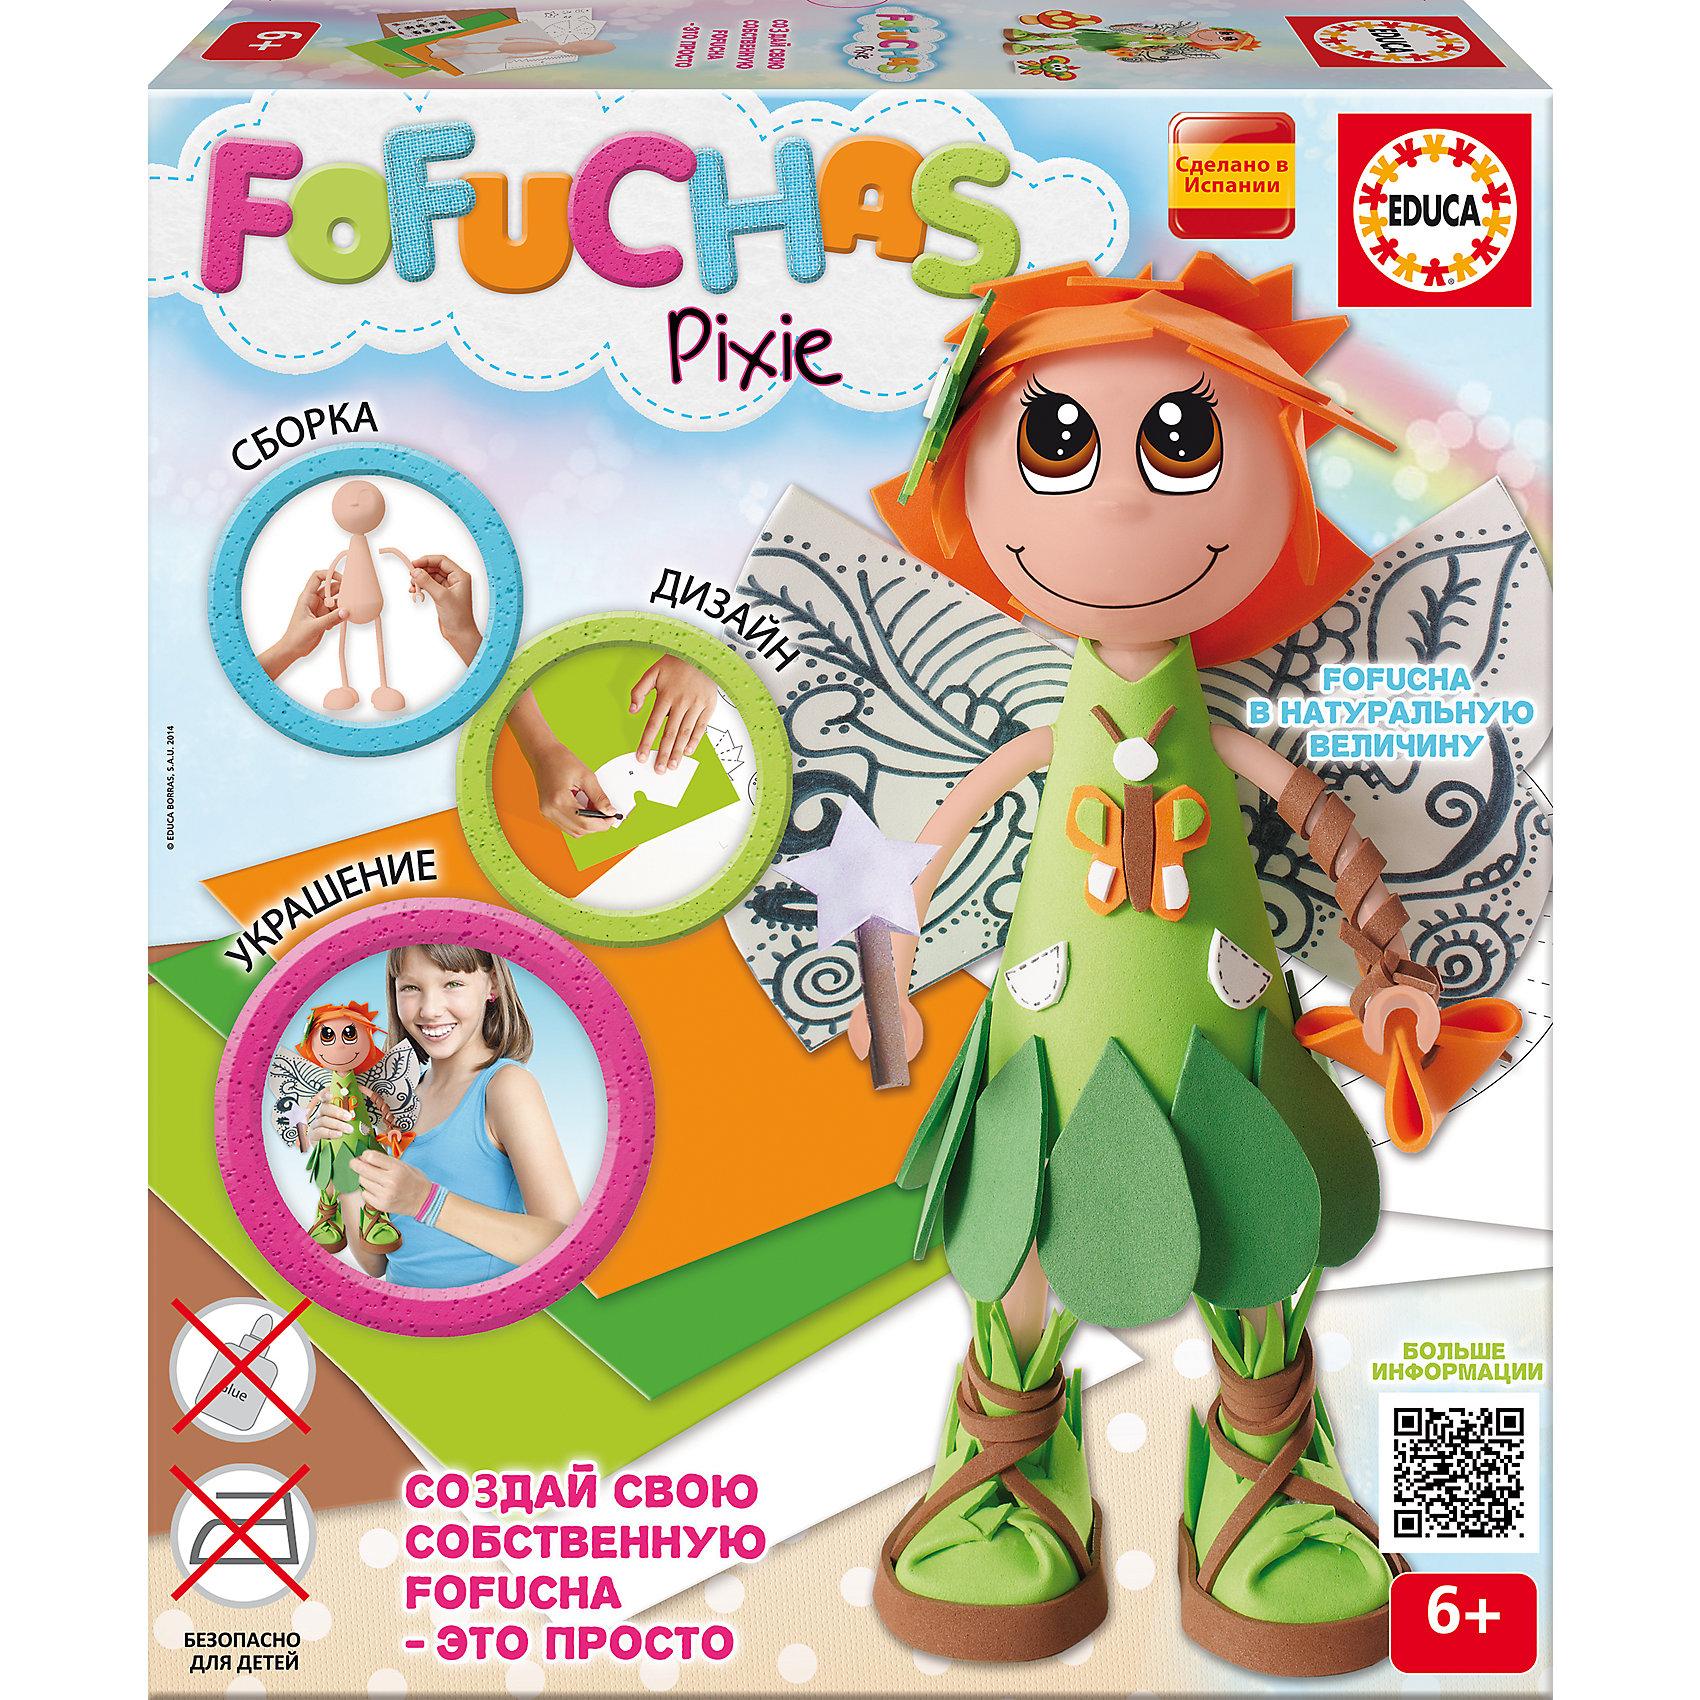 Набор для творчества в виде куклы Фофуча ПиксиНабор для творчества в виде куклы Фофуча Пикси – это набор в виде куклы в разобранном виде.<br>С помощью набора для творчества Фофуча Пикси маленькие мастерицы смогут создать милую и симпатичную куколку Пикси. Слово Фофуча пришло из Бразилии и означает милая и симпатичная, так же называется и эти привлекательные куколки с длинными ногами и круглыми головами. Каждая Fofucha (Фофуча) так же уникальна, как и человек, ее создавший. Создать свою яркую, веселую, забавную и жизнерадостную Fofucha - это просто!<br><br>Дополнительная информация:<br><br>- В наборе: сборное тело куклы из пластика, 5 листов ЭВА, скотч, схемы, картонные детали, самоклеящиеся глаза и рот, инструкция<br>- Материал: пластик, ЭВА, картон, бумага, полимерный материал<br>- Не требуется утюга и клея<br>- Упаковка: картонная коробка<br>- Размер упаковки: 330x290x70 мм.<br>- Вес: 644 гр.<br><br>Набор для творчества в виде куклы Фофуча Пикси можно купить в нашем интернет-магазине.<br><br>Ширина мм: 335<br>Глубина мм: 295<br>Высота мм: 72<br>Вес г: 650<br>Возраст от месяцев: 72<br>Возраст до месяцев: 168<br>Пол: Женский<br>Возраст: Детский<br>SKU: 4316588